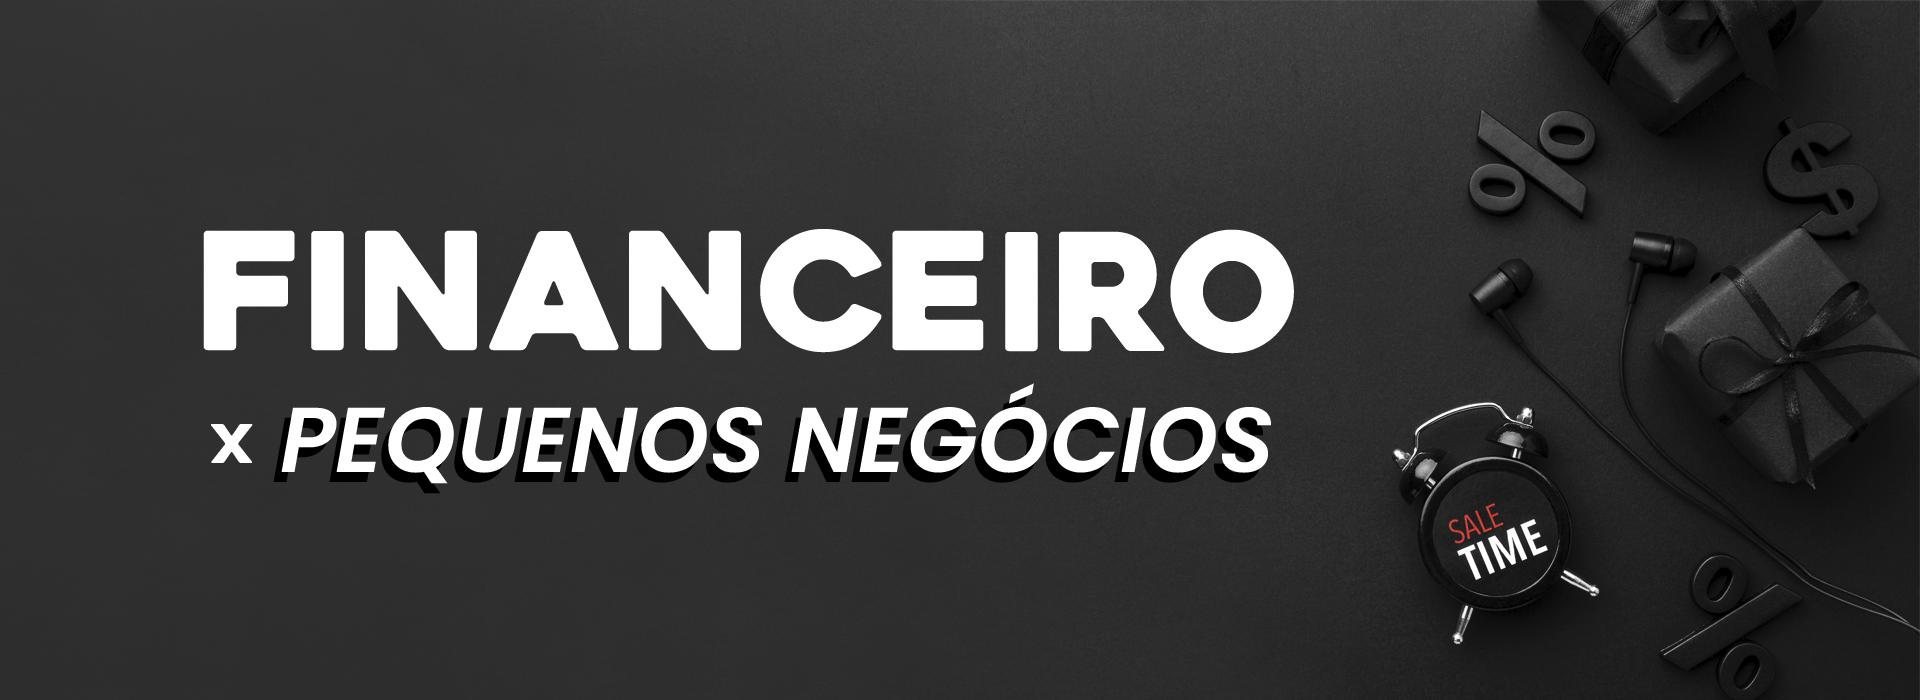 BLACK FRIDAY 2020 – QUAIS SÃO AS EXPECTATIVAS DO MERCADO?